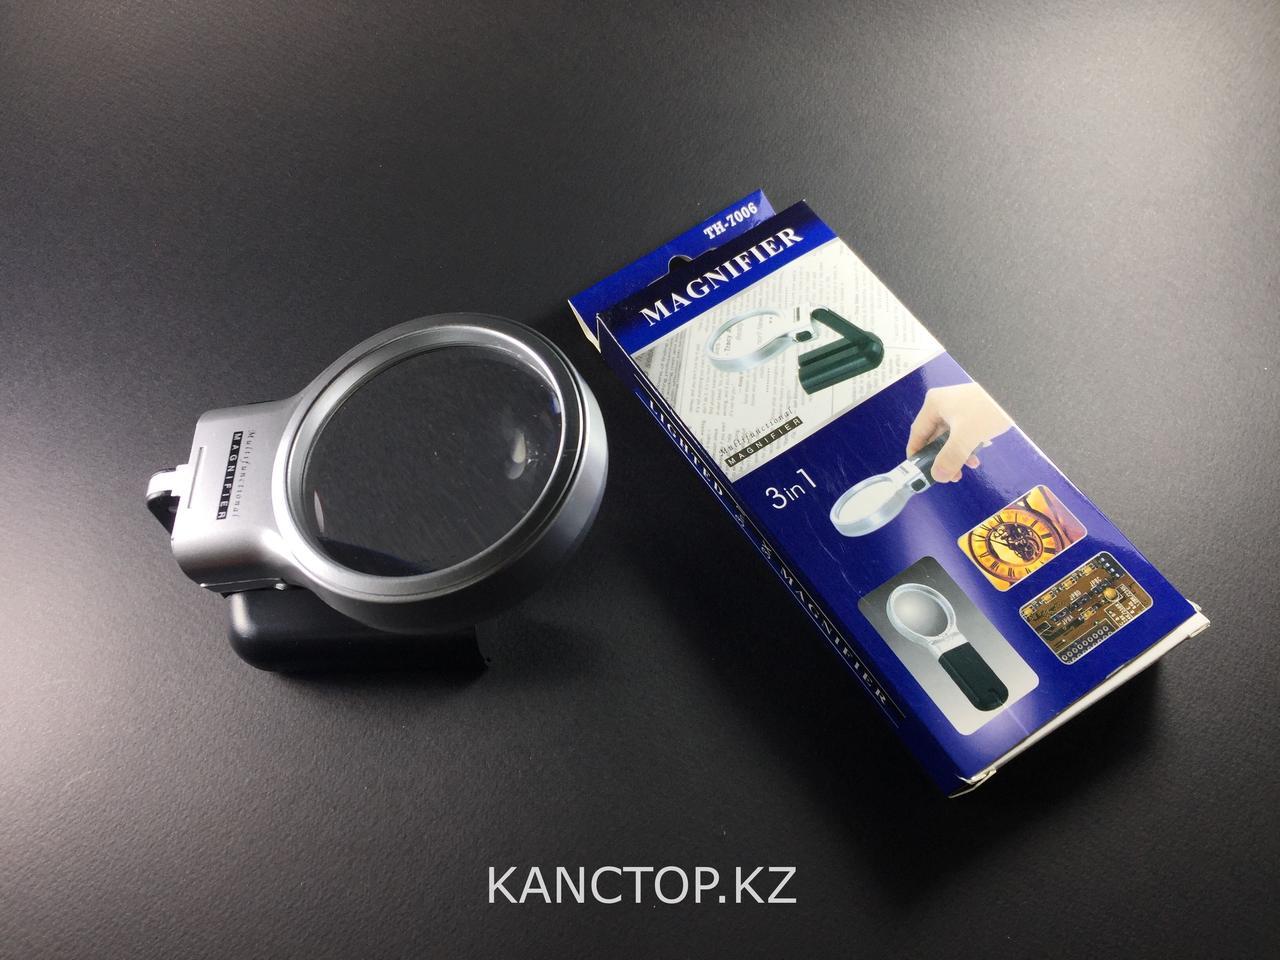 Лупа раскладная Magnifier с подсветкой 70 мм